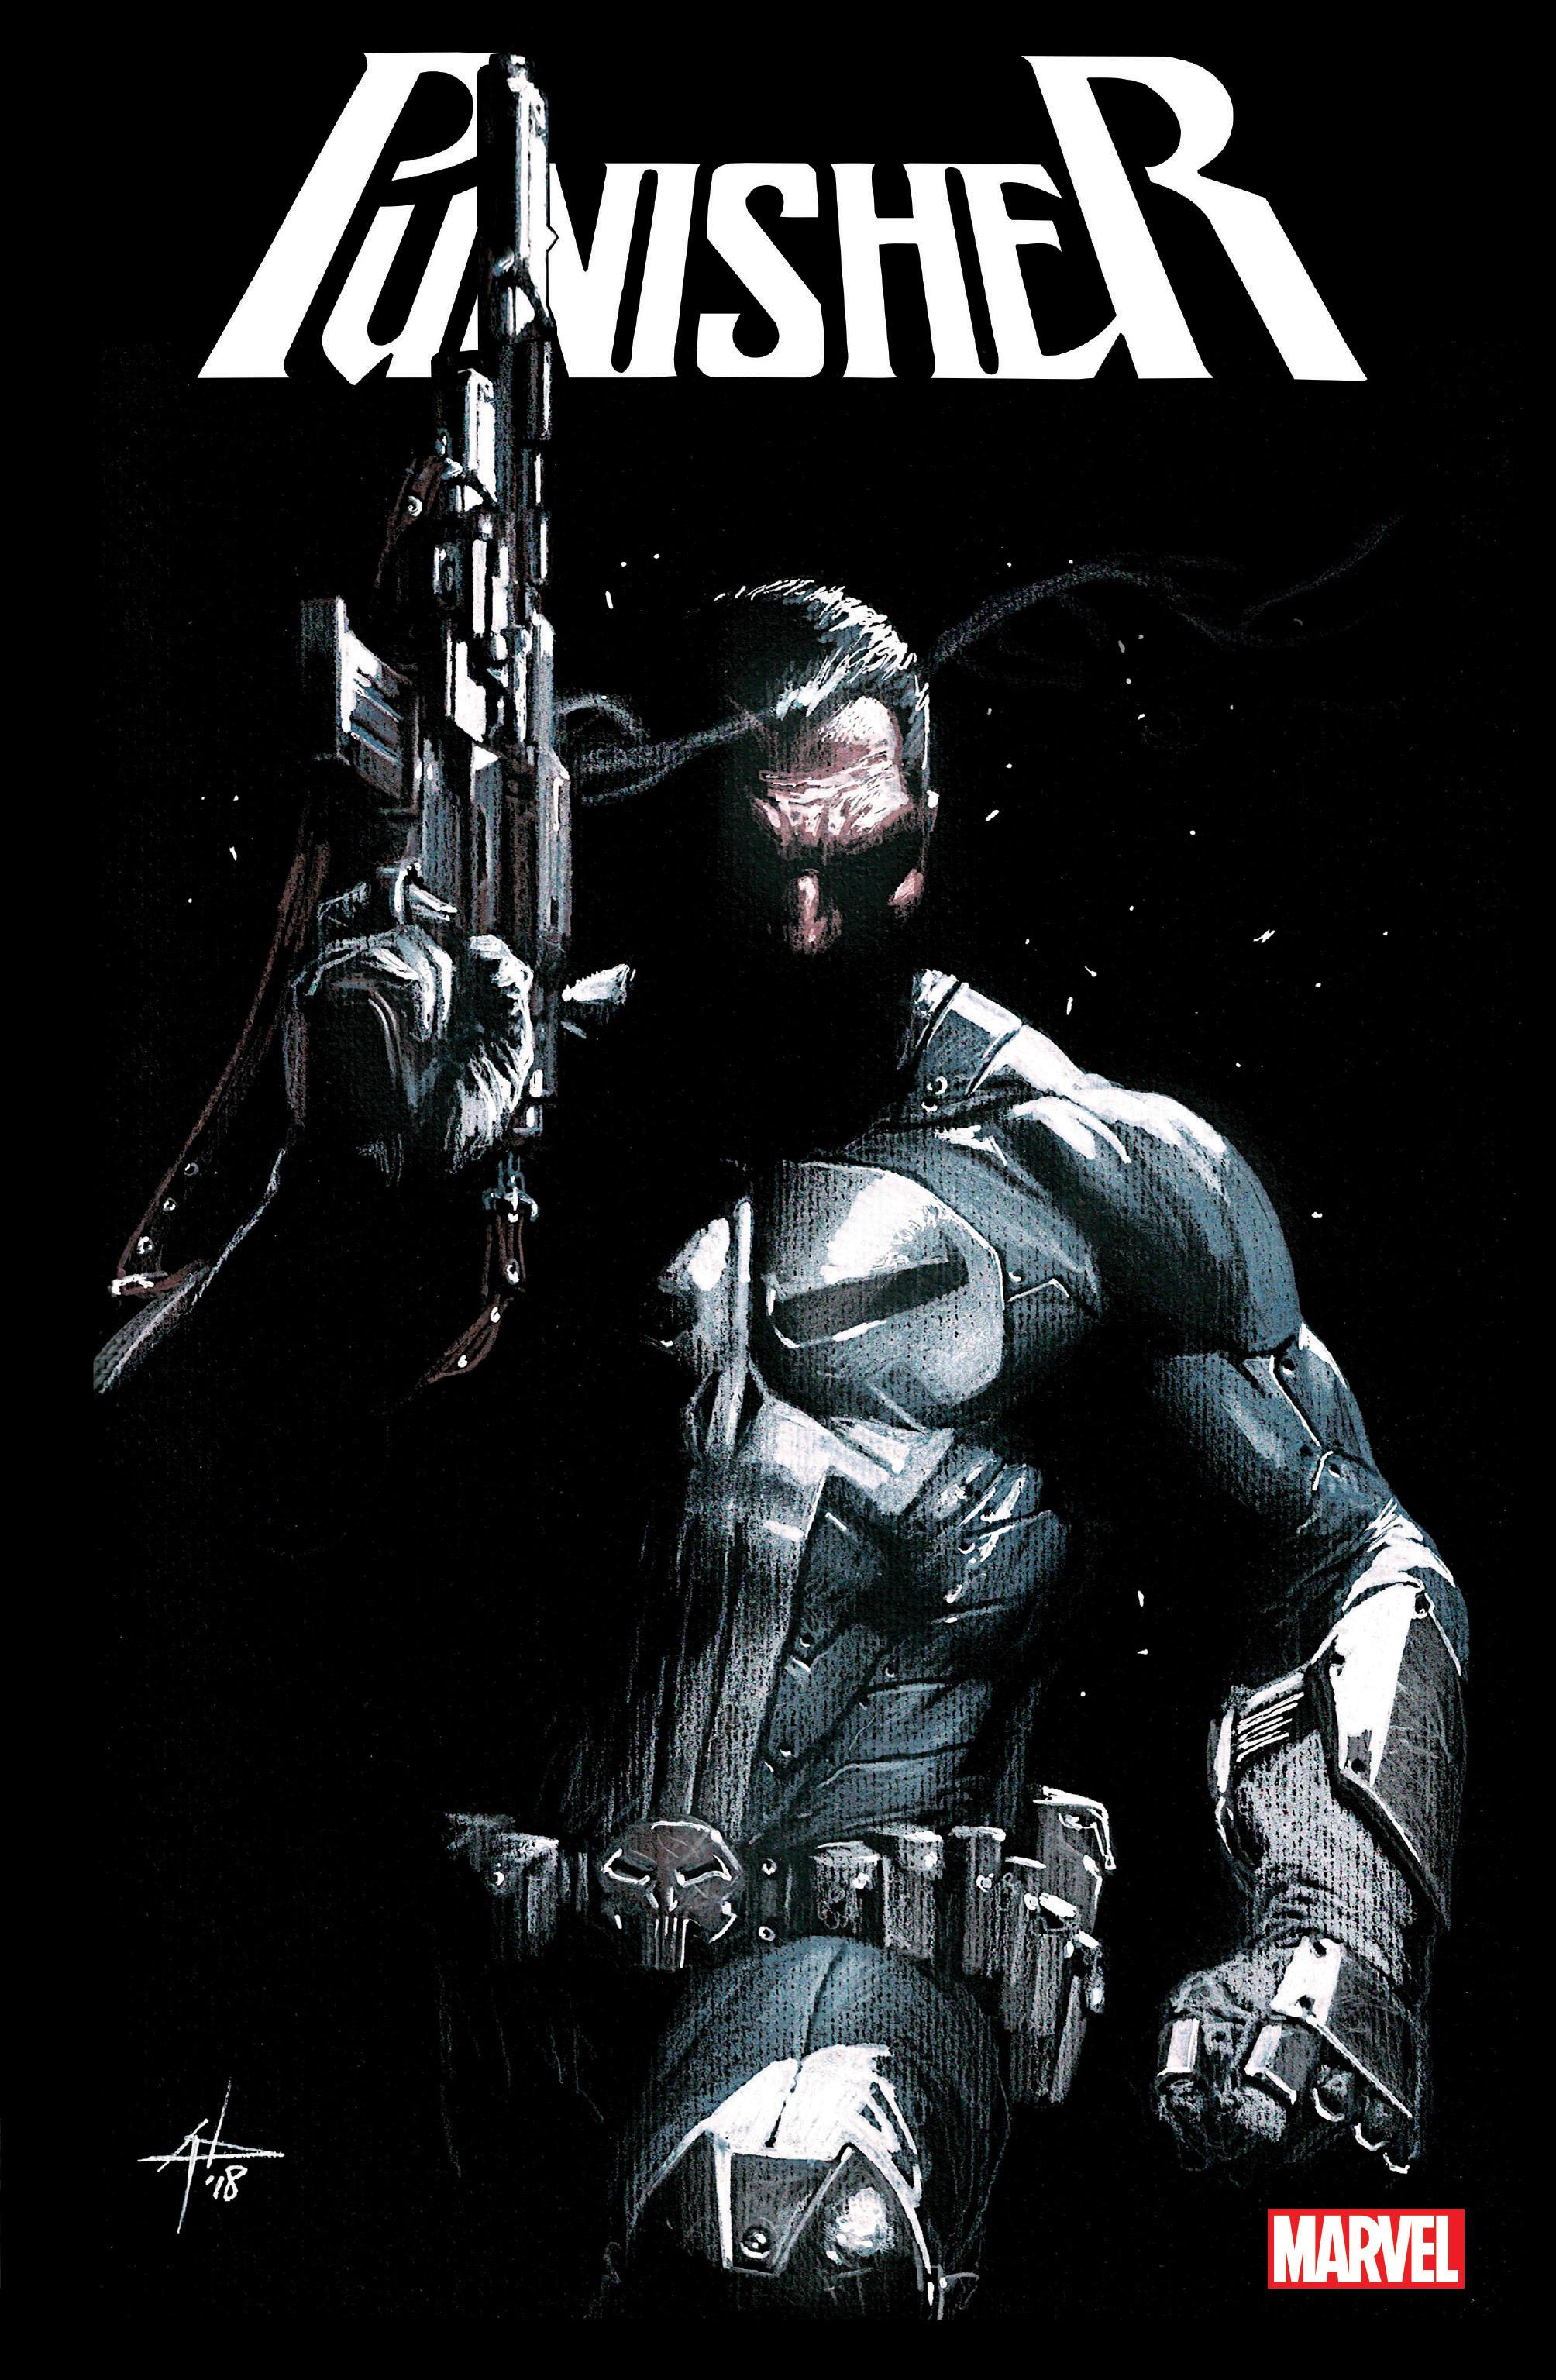 Punisher 1: Krieg gegen alle Variant